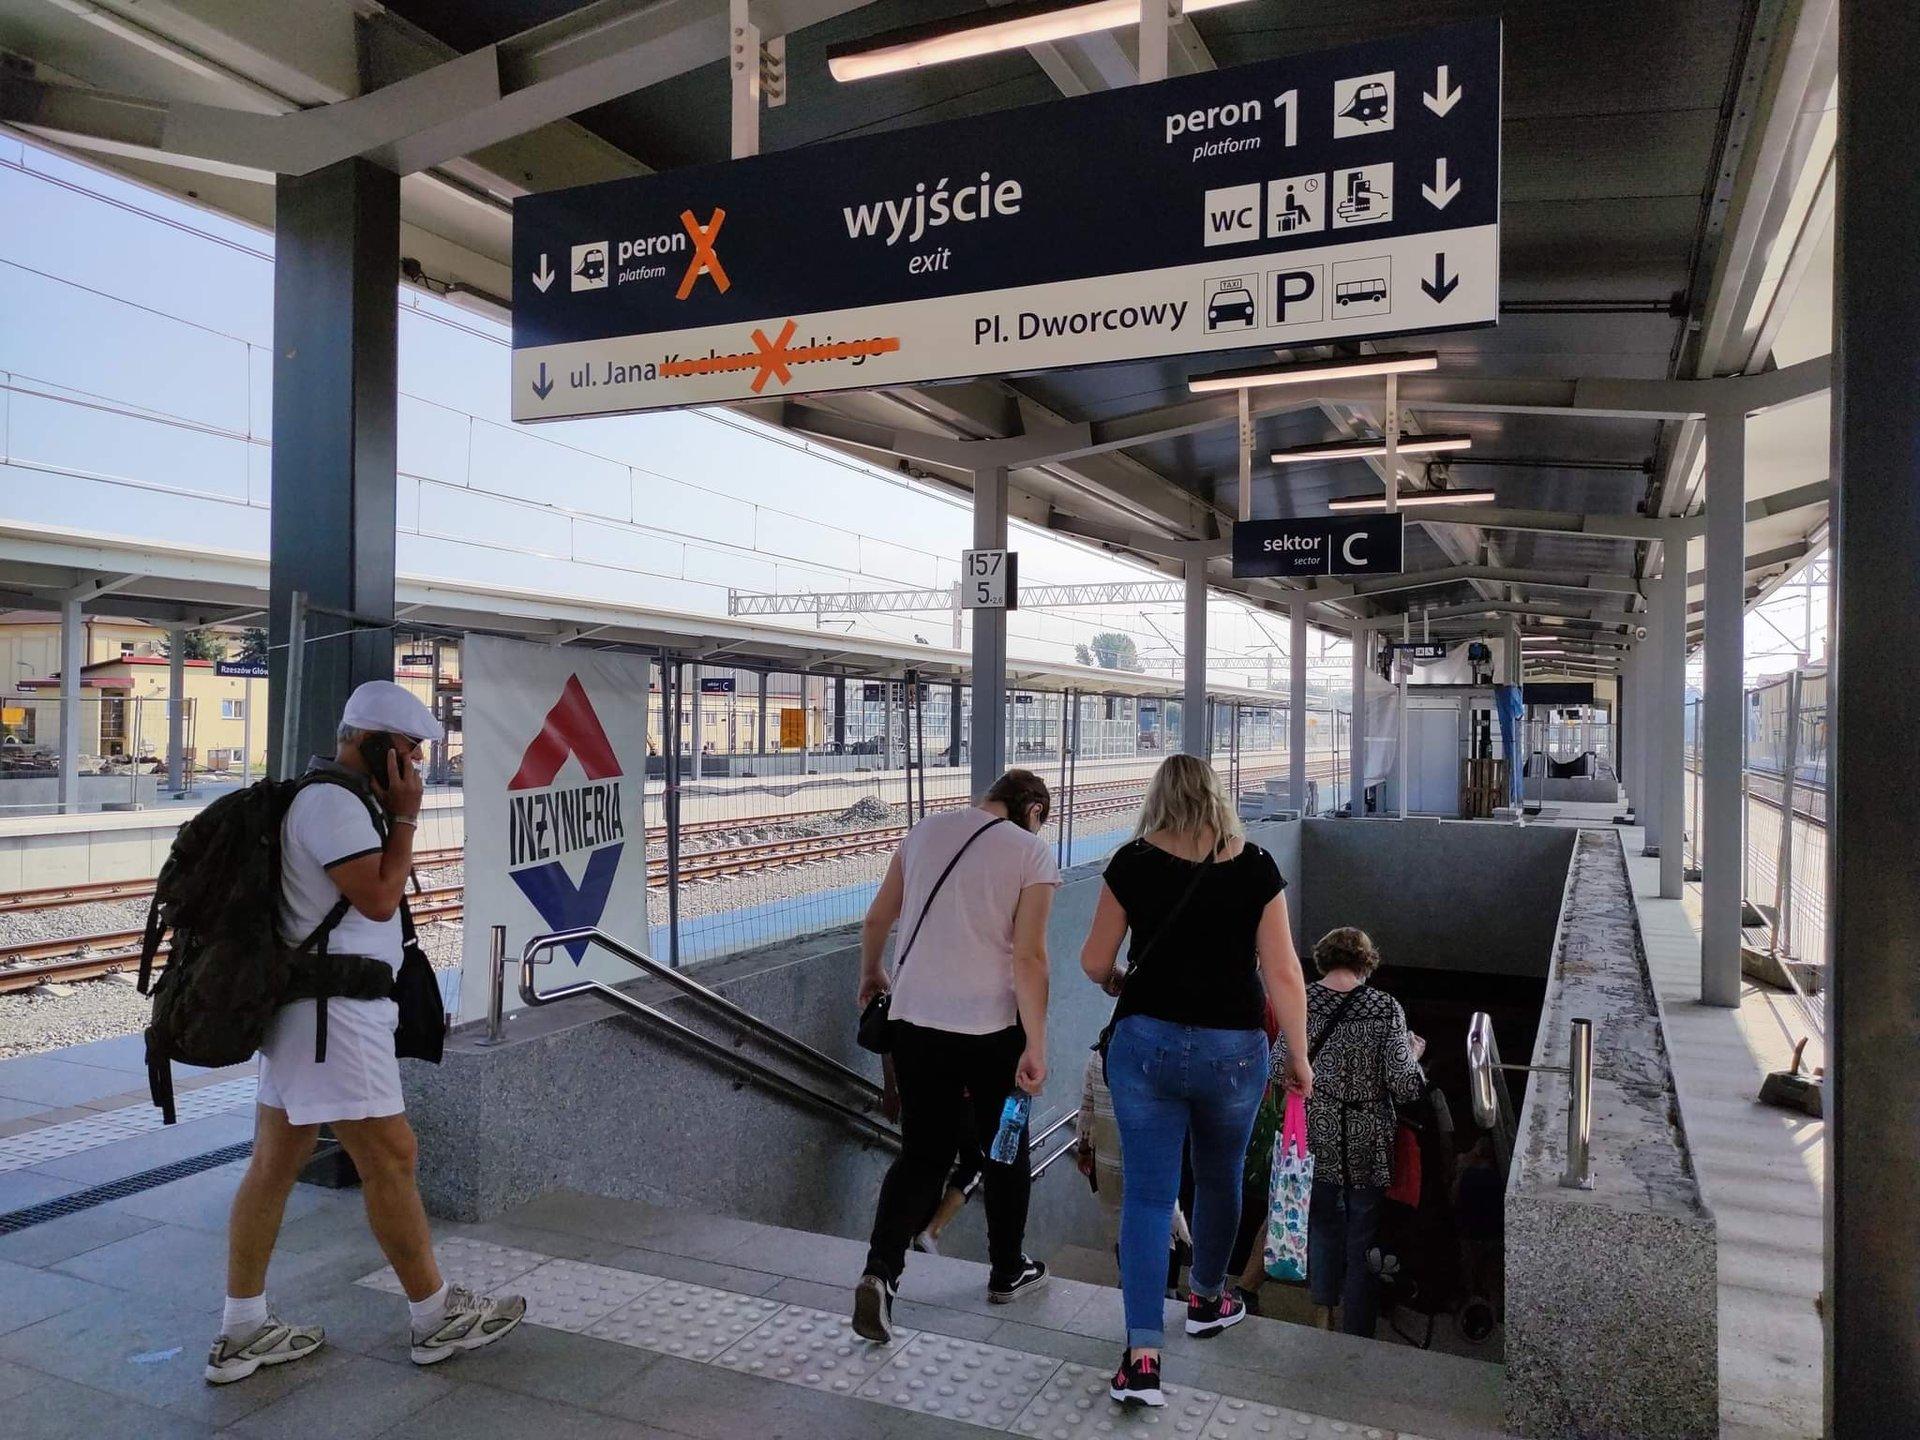 Zboczeniec obnażał się na stacji PKP! - Zdjęcie główne